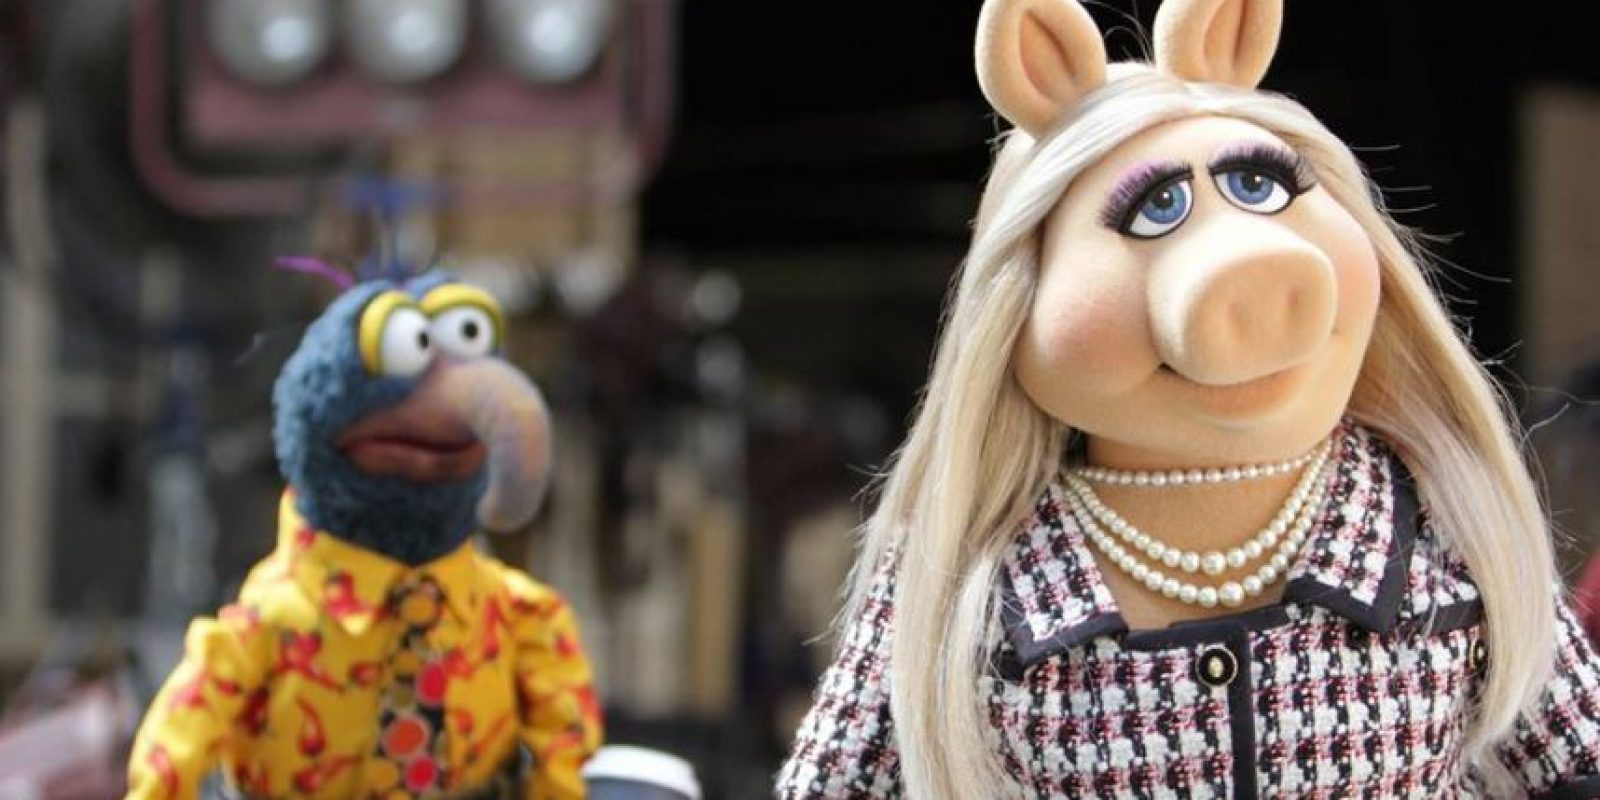 """""""De cualquier forma, nuestras vidas personales ahora son distintas y están separadas, y estaremos viendo a otras personas, cerdos y ranas"""", finalizó en su escrito. Foto:vía facebook.com/MuppetsMissPiggy"""